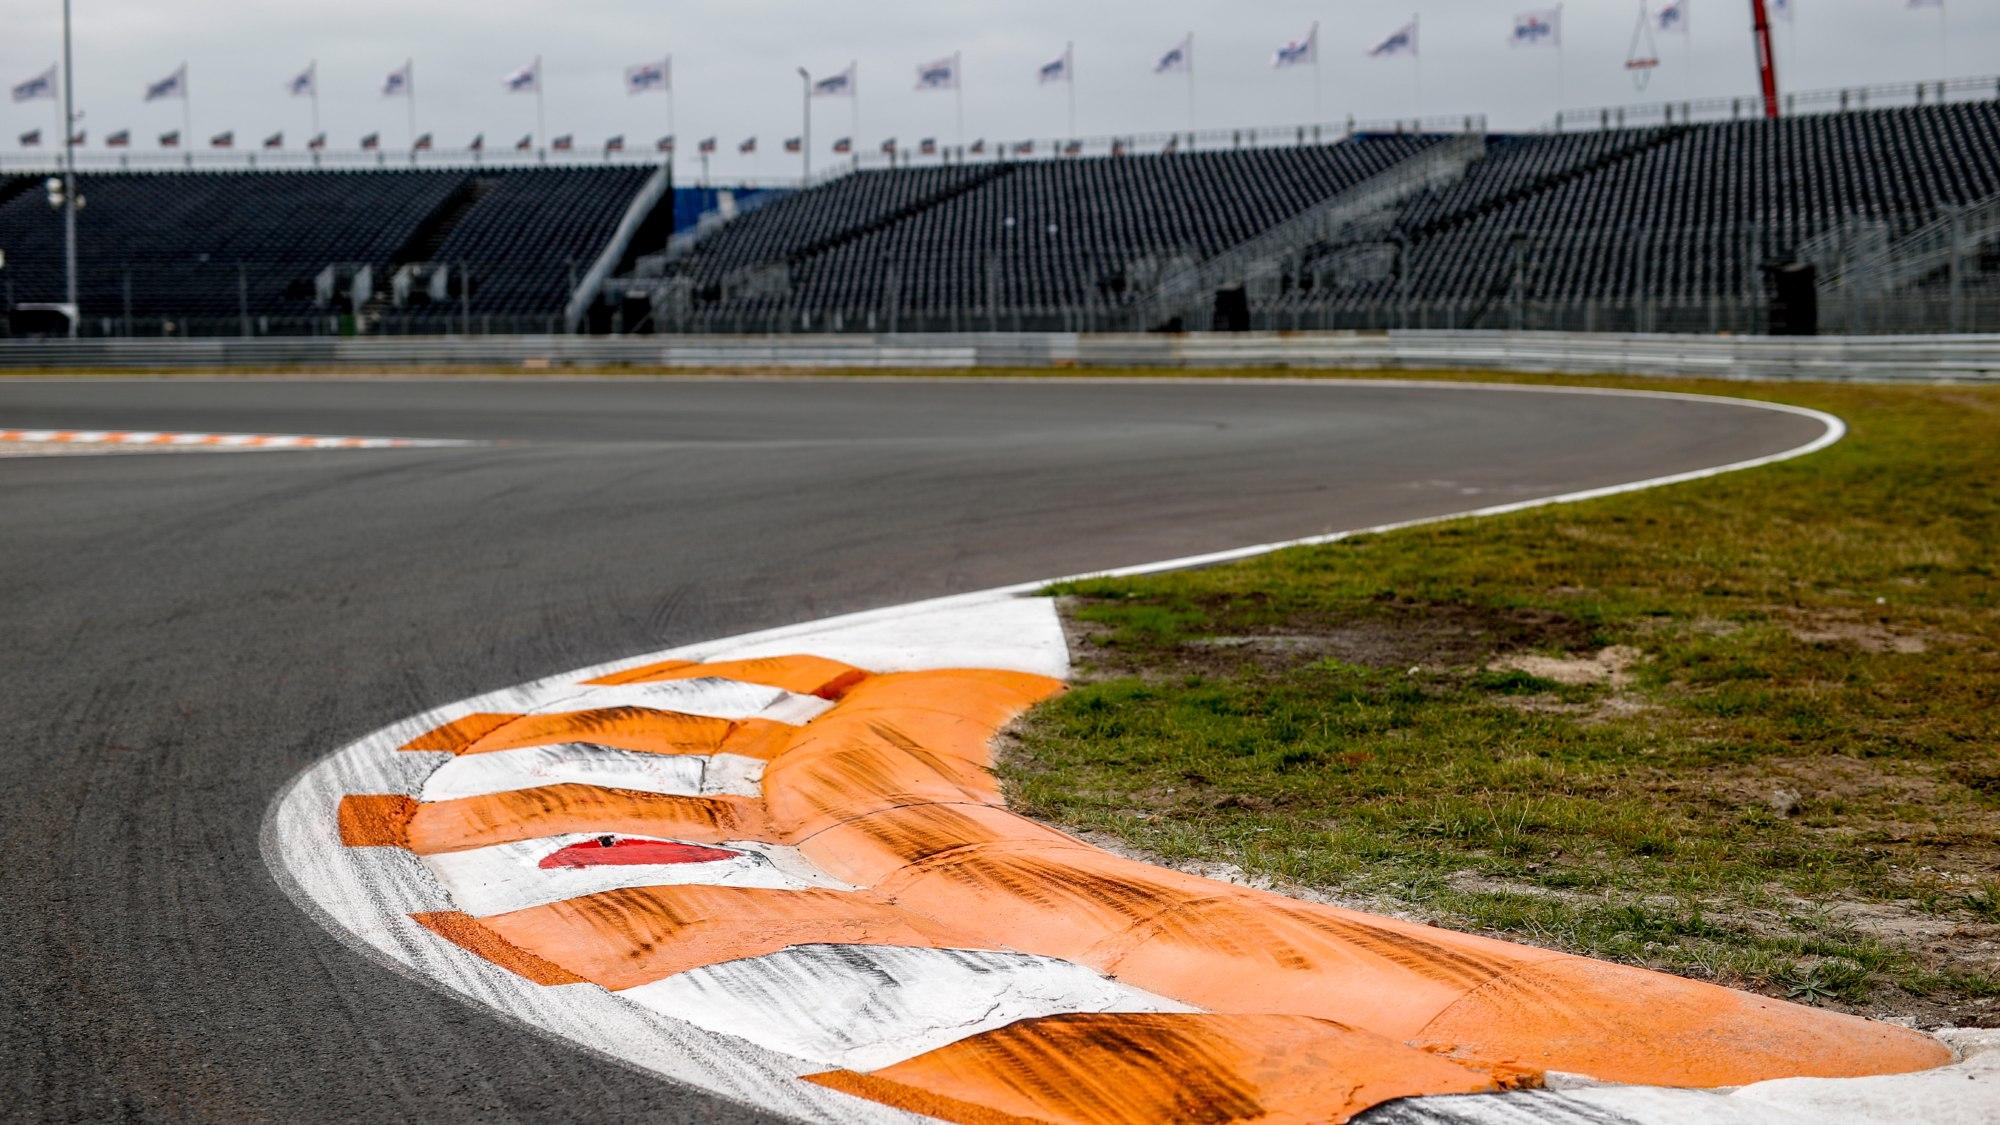 Zandvoort Circuit 2021